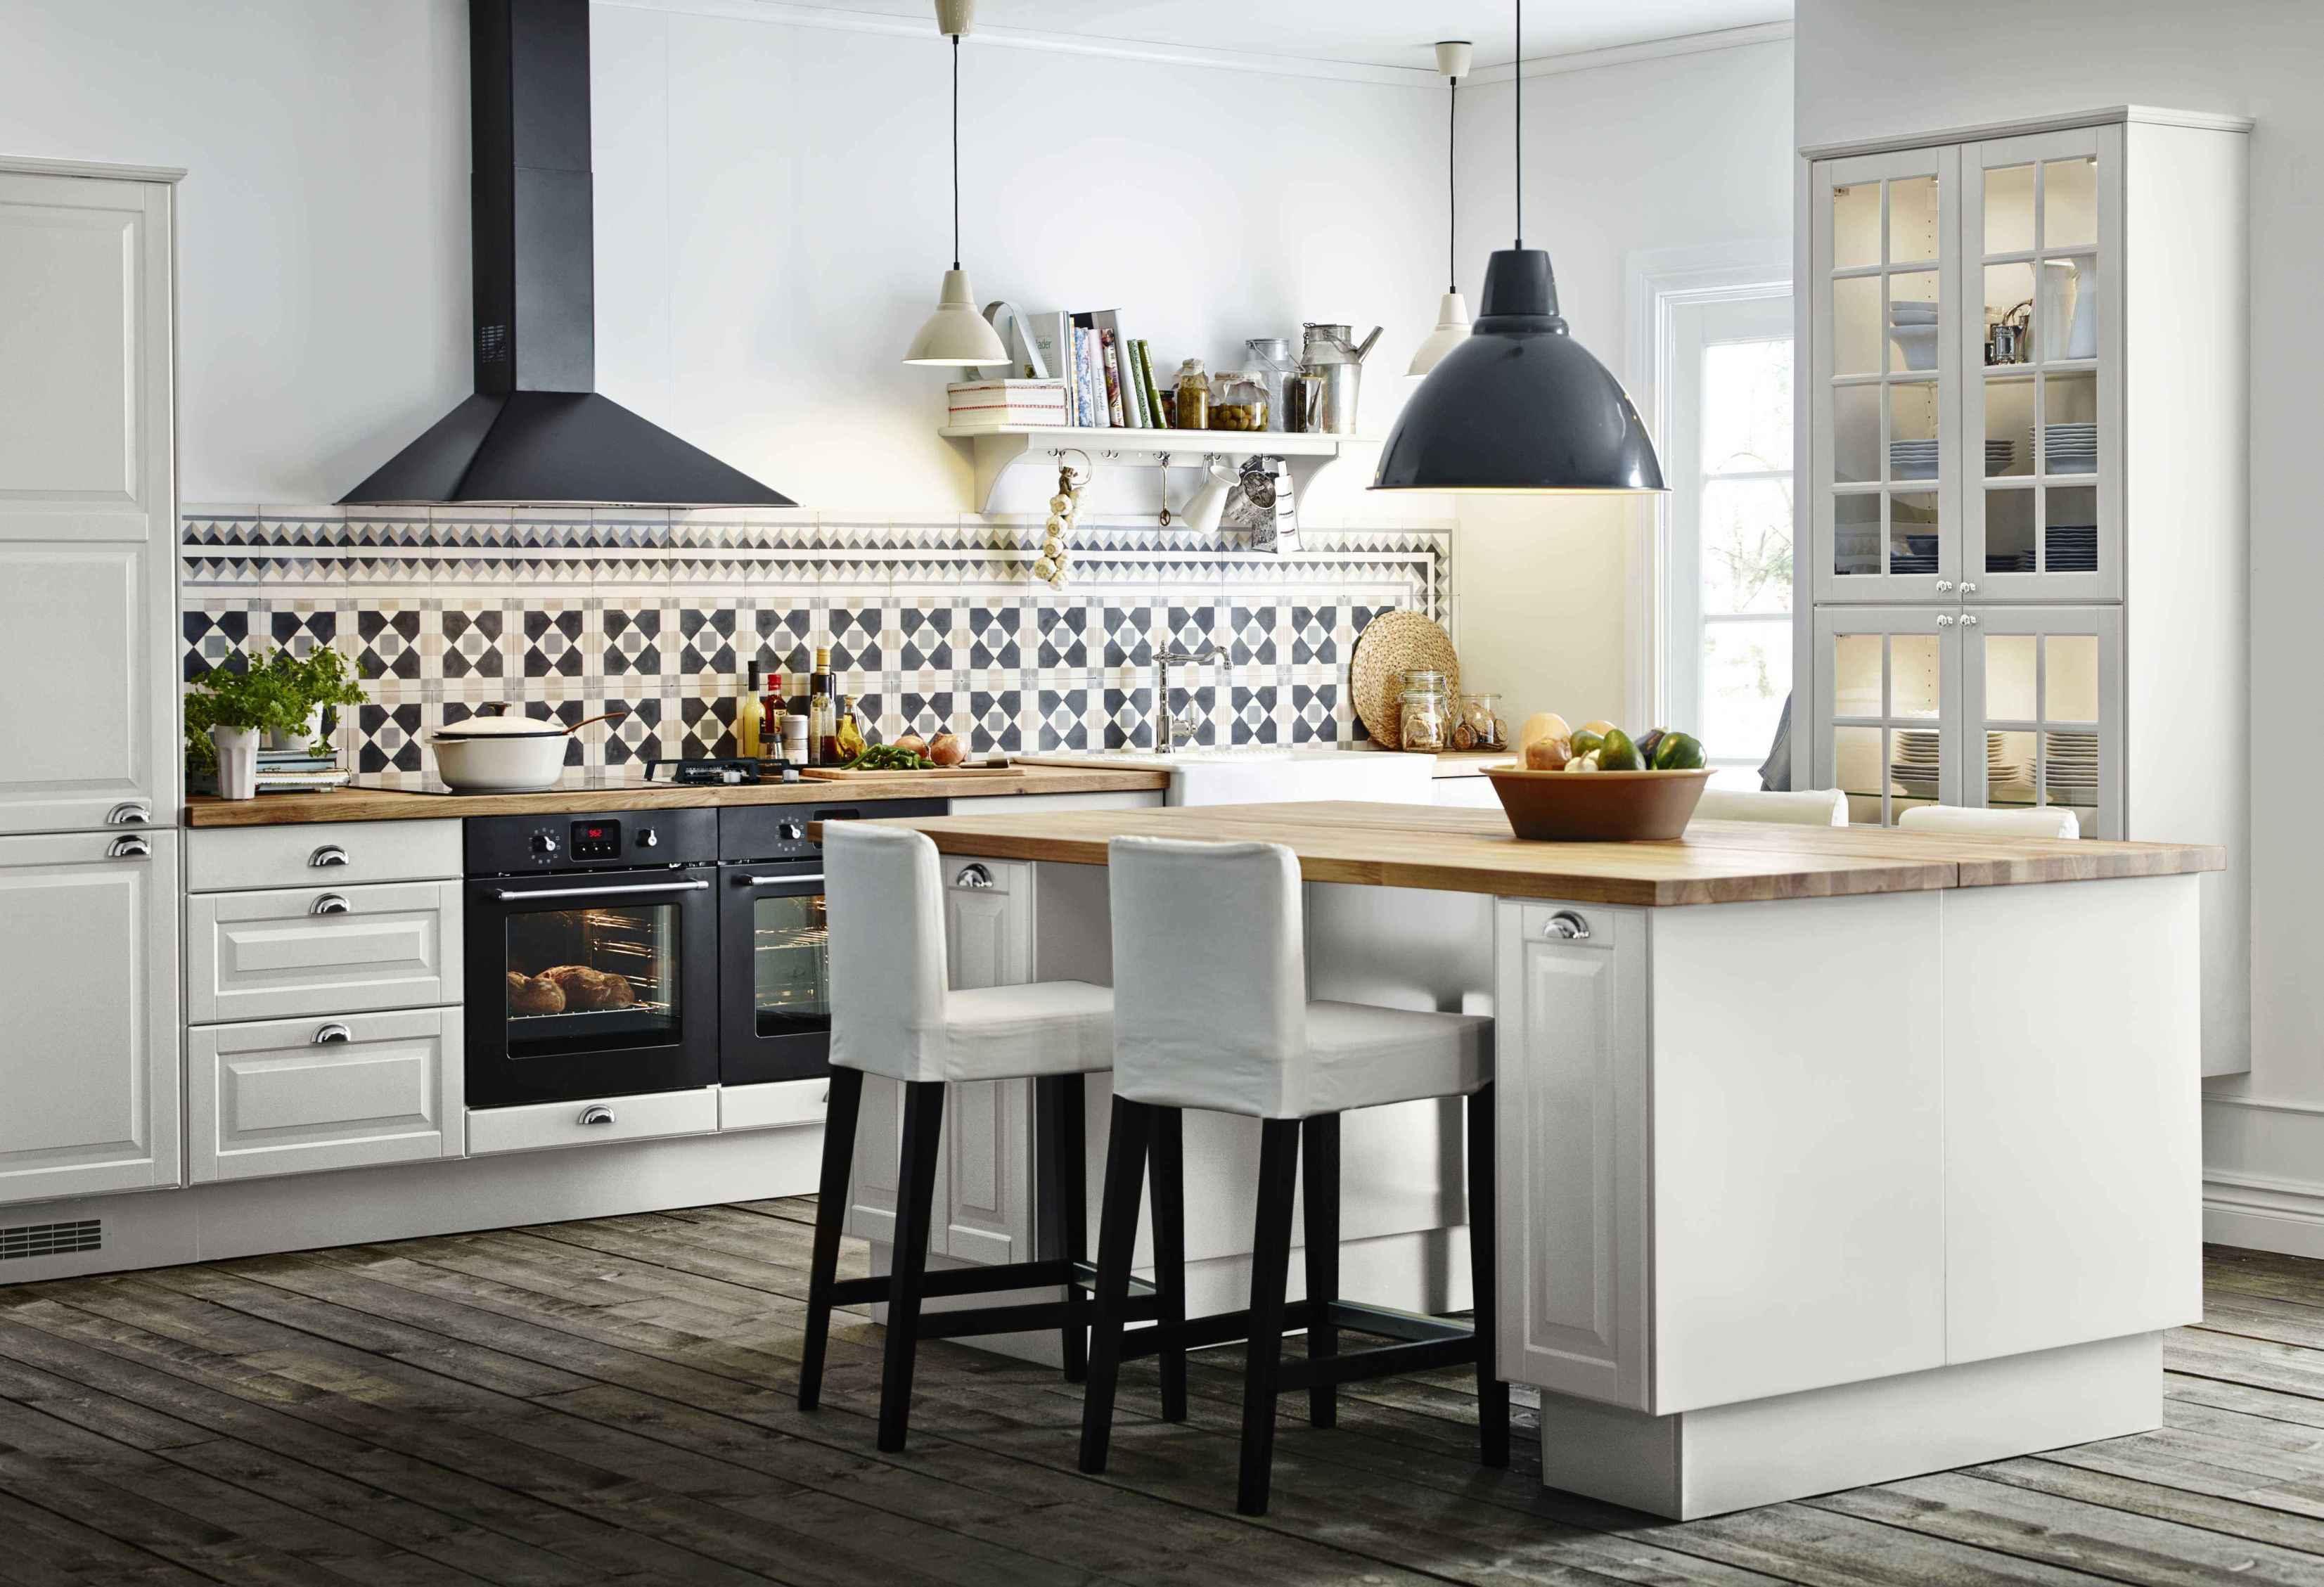 Ikea Gulliver Toddler Bed Review ~ Ikea Cucine cucine arredo aerre prezzi ante in Cucine rustiche ikea